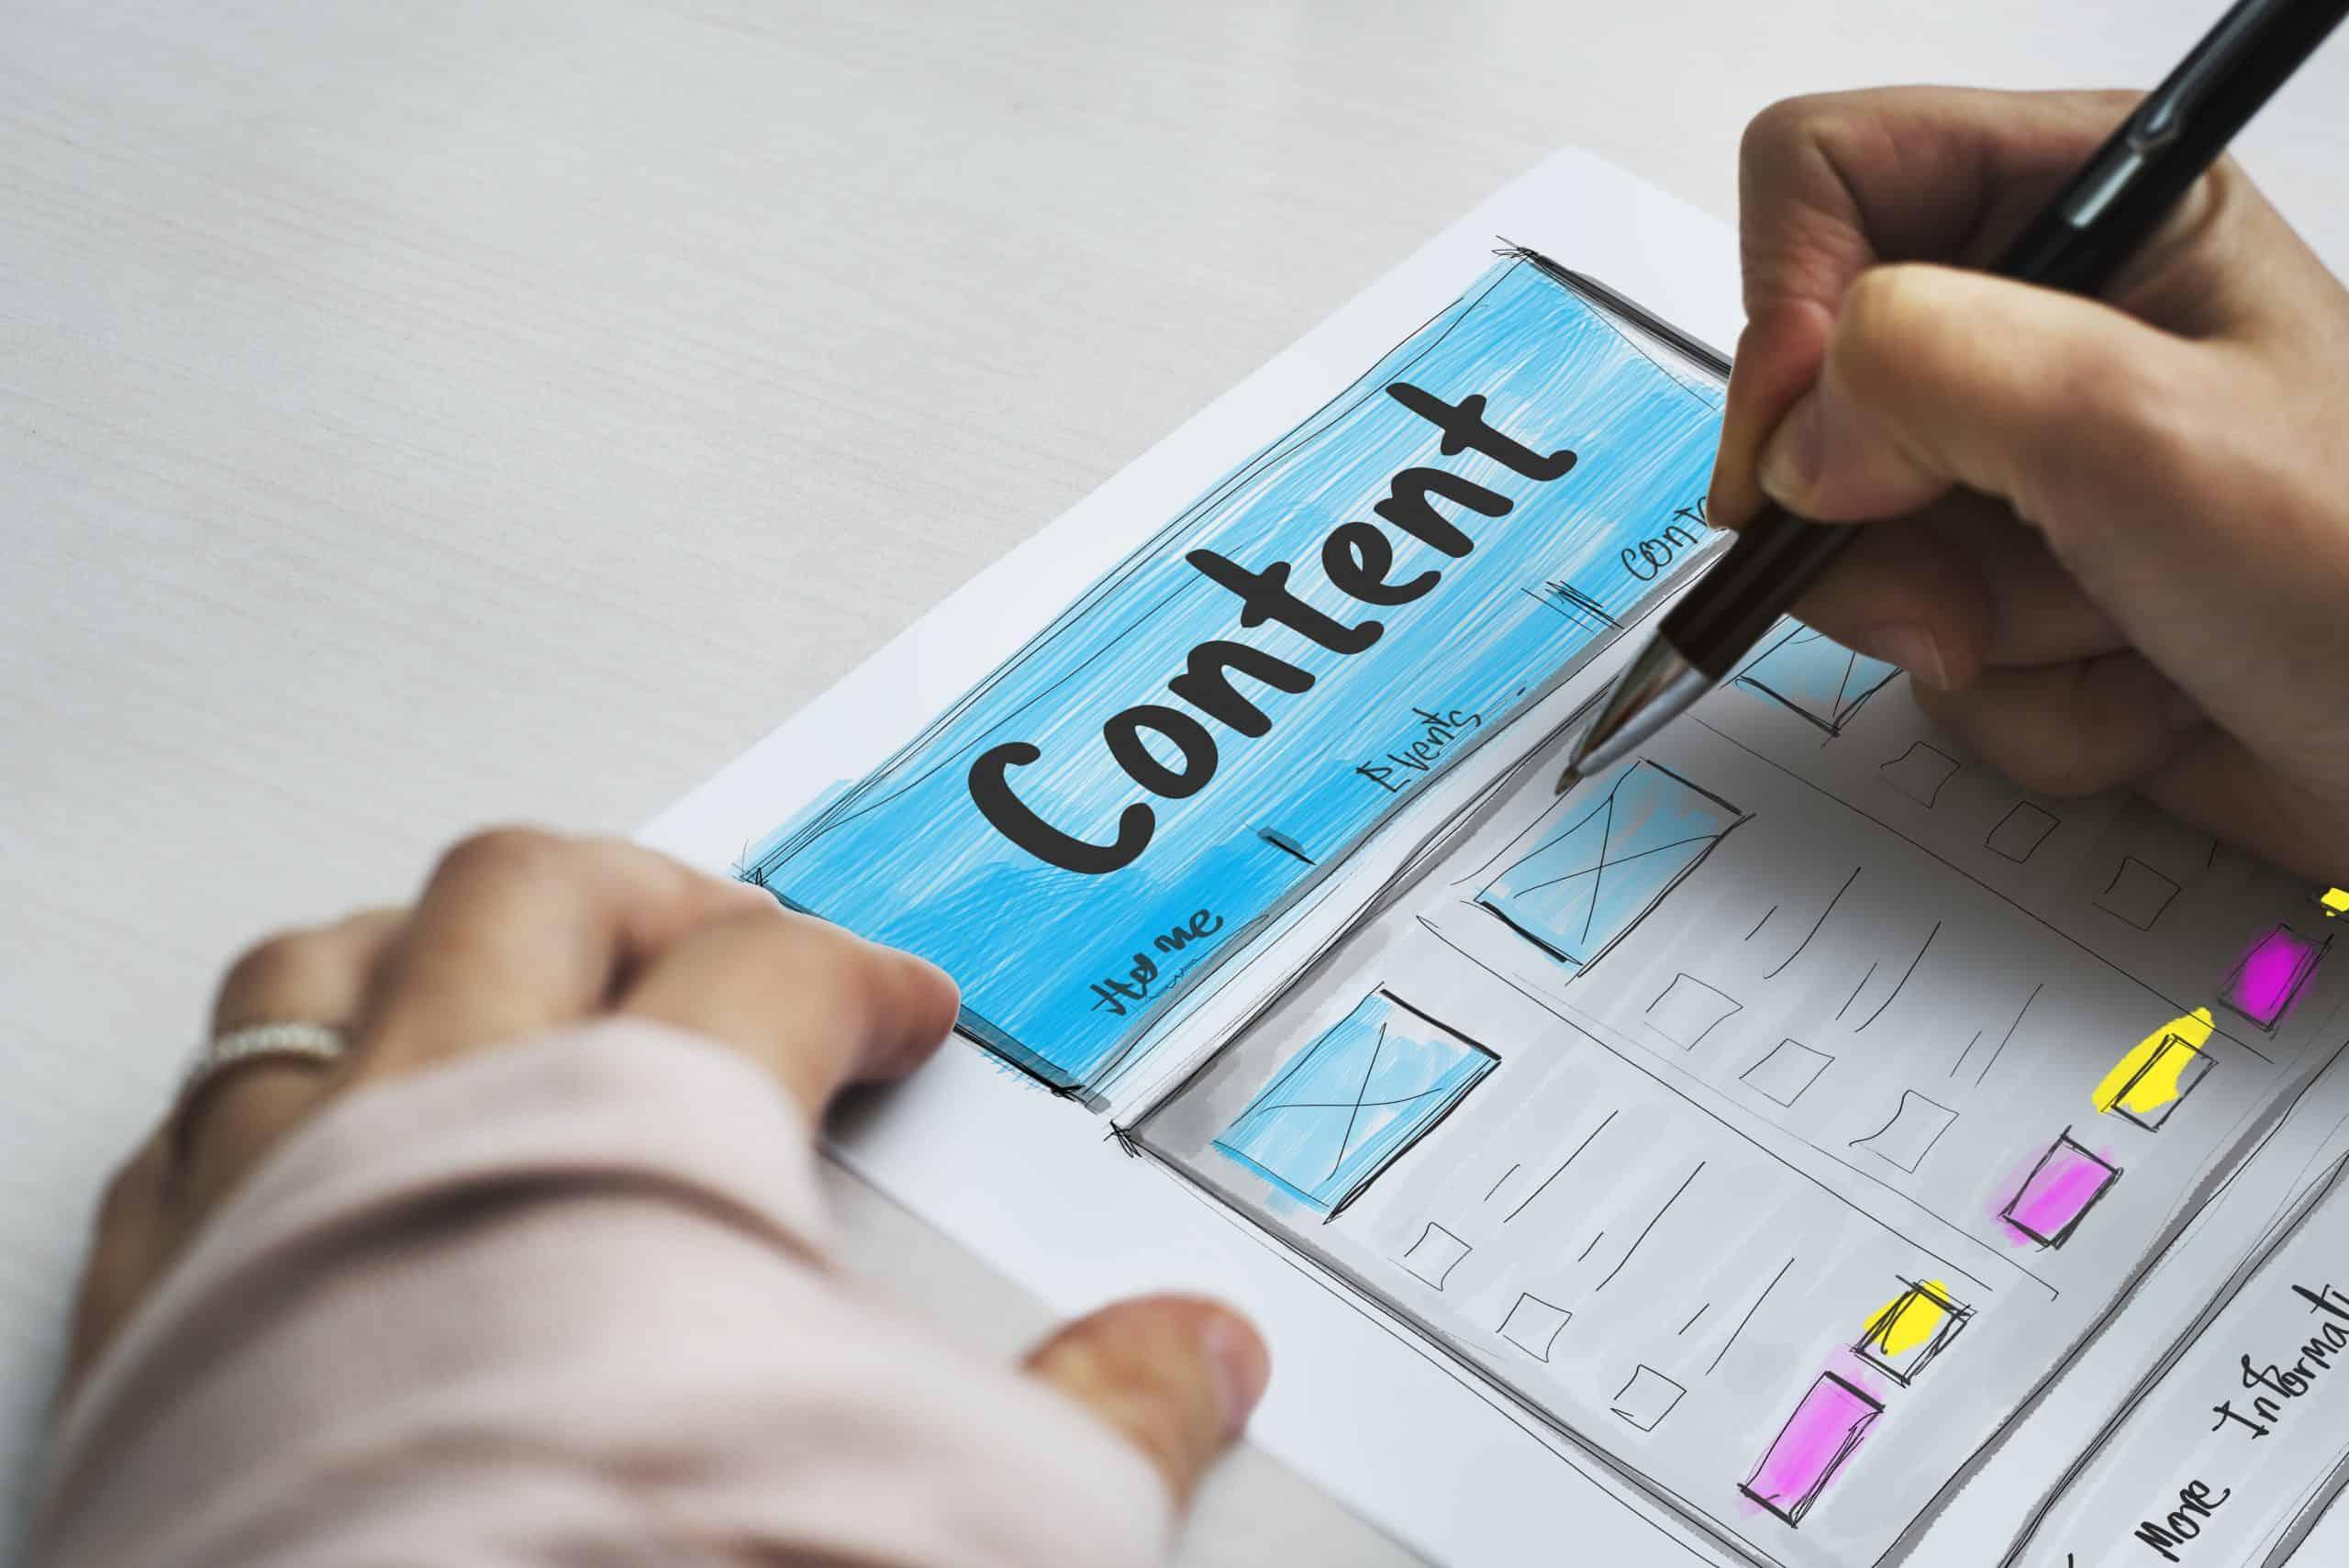 ยกระดับ Content Marketing 2022 ด้วยกลยุทธ์การตลาด Contextual marketing